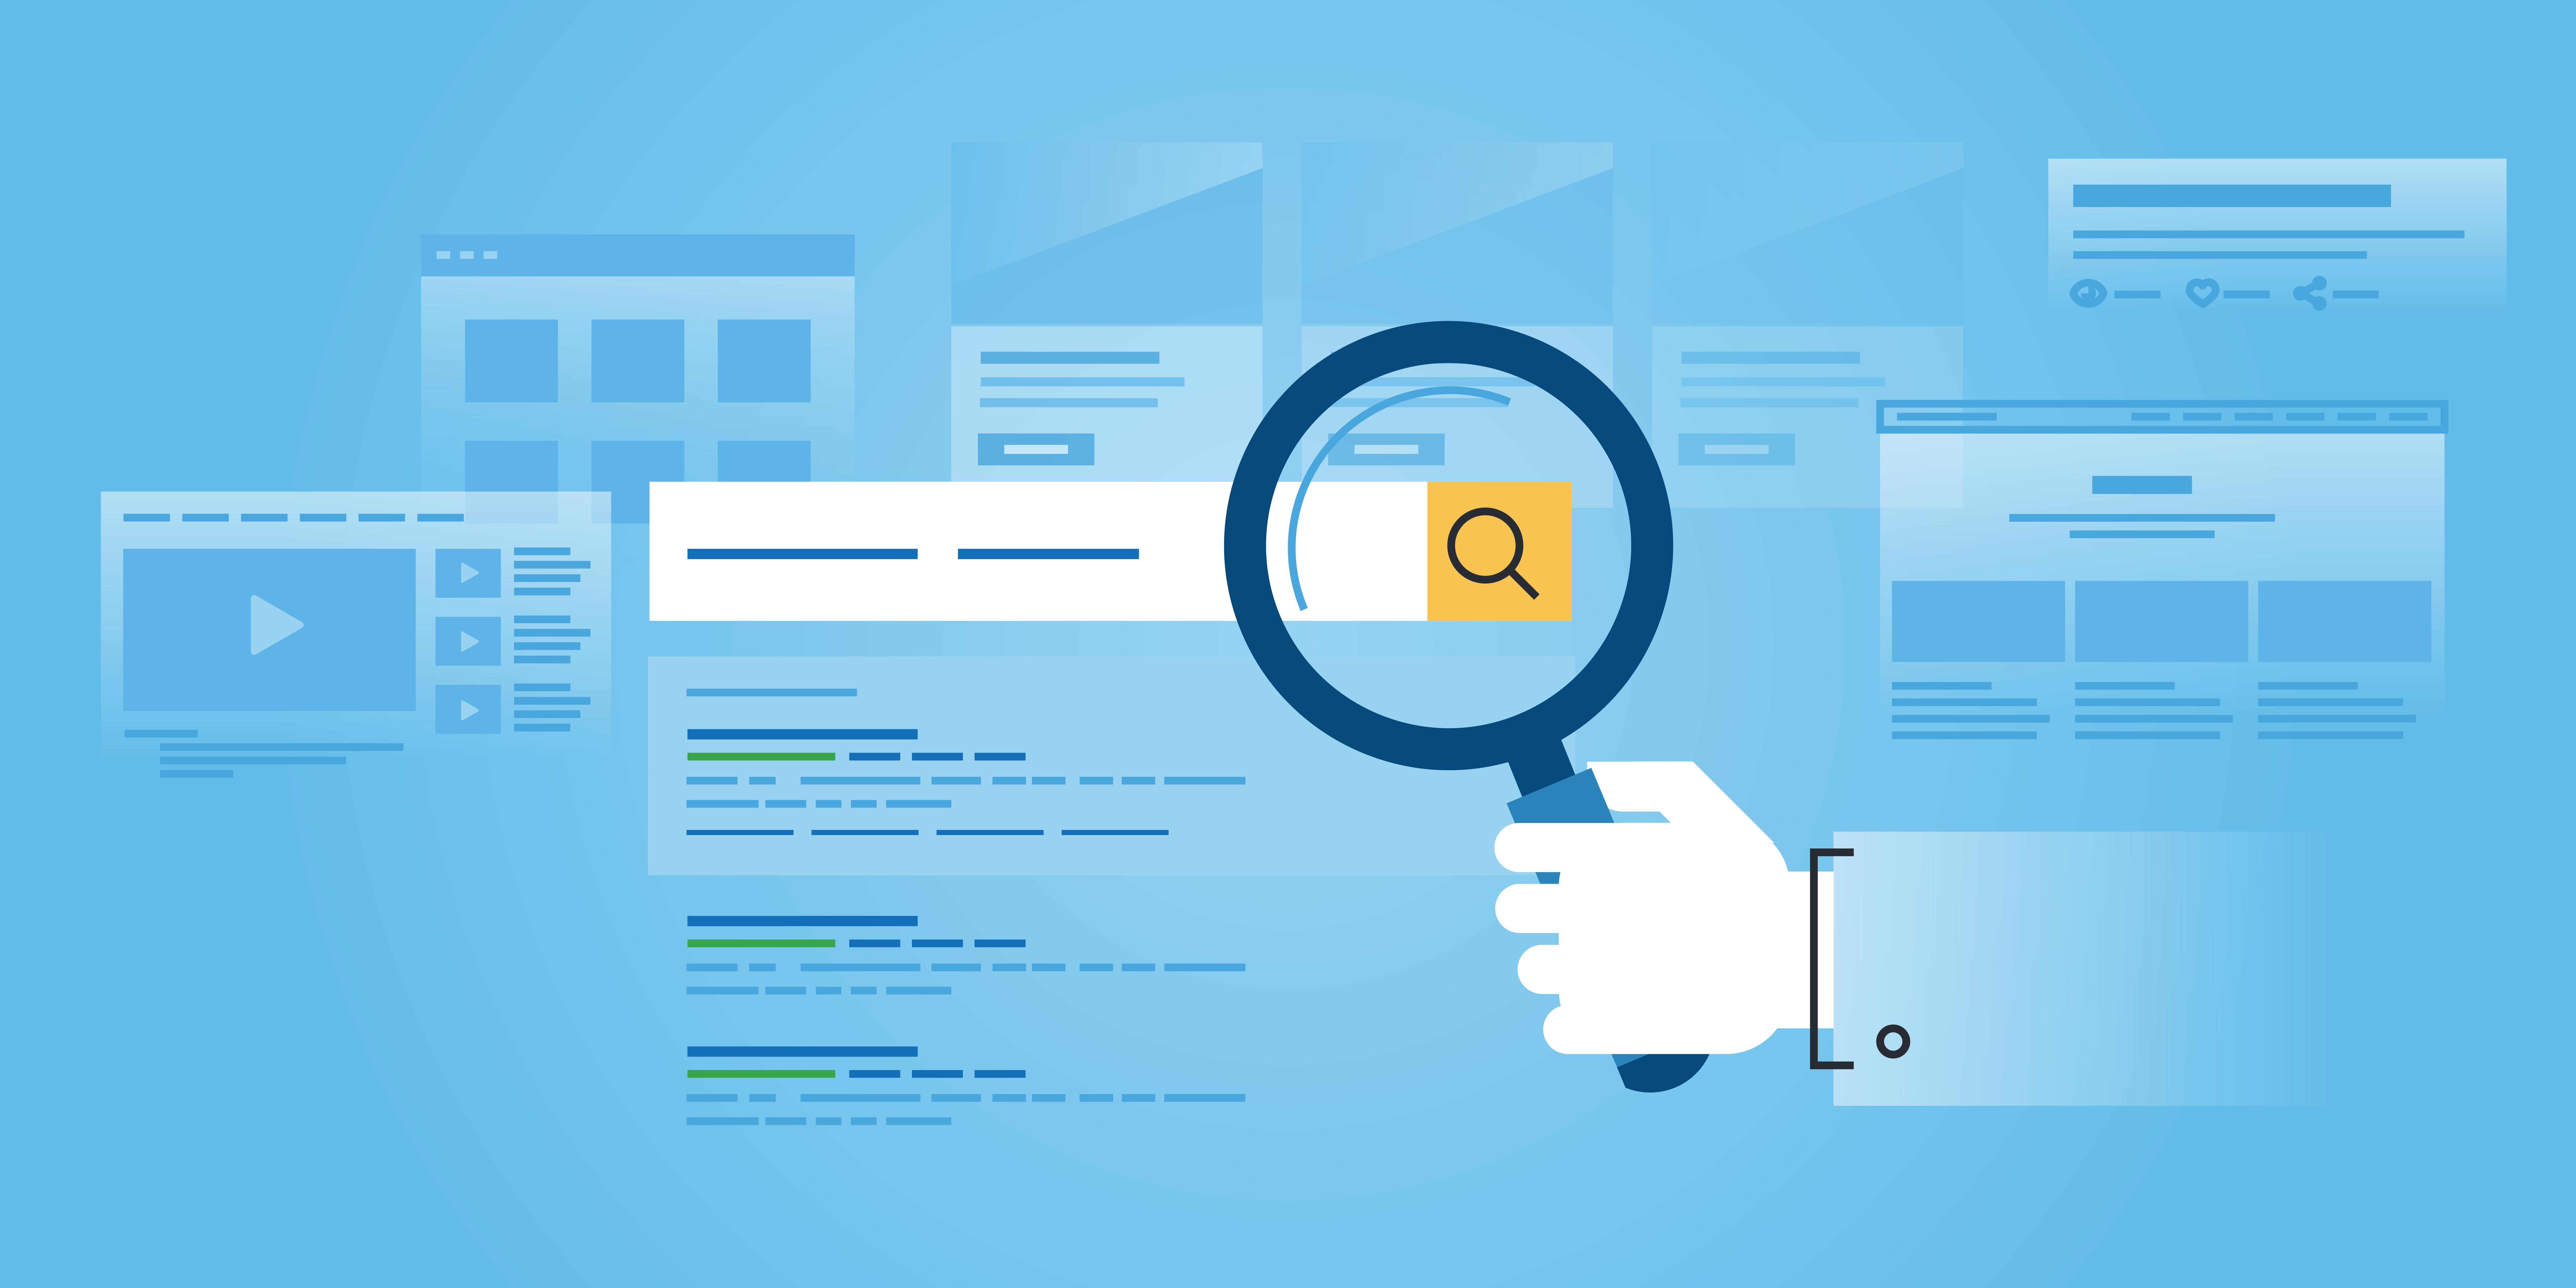 Grafik zur Suchmaschine